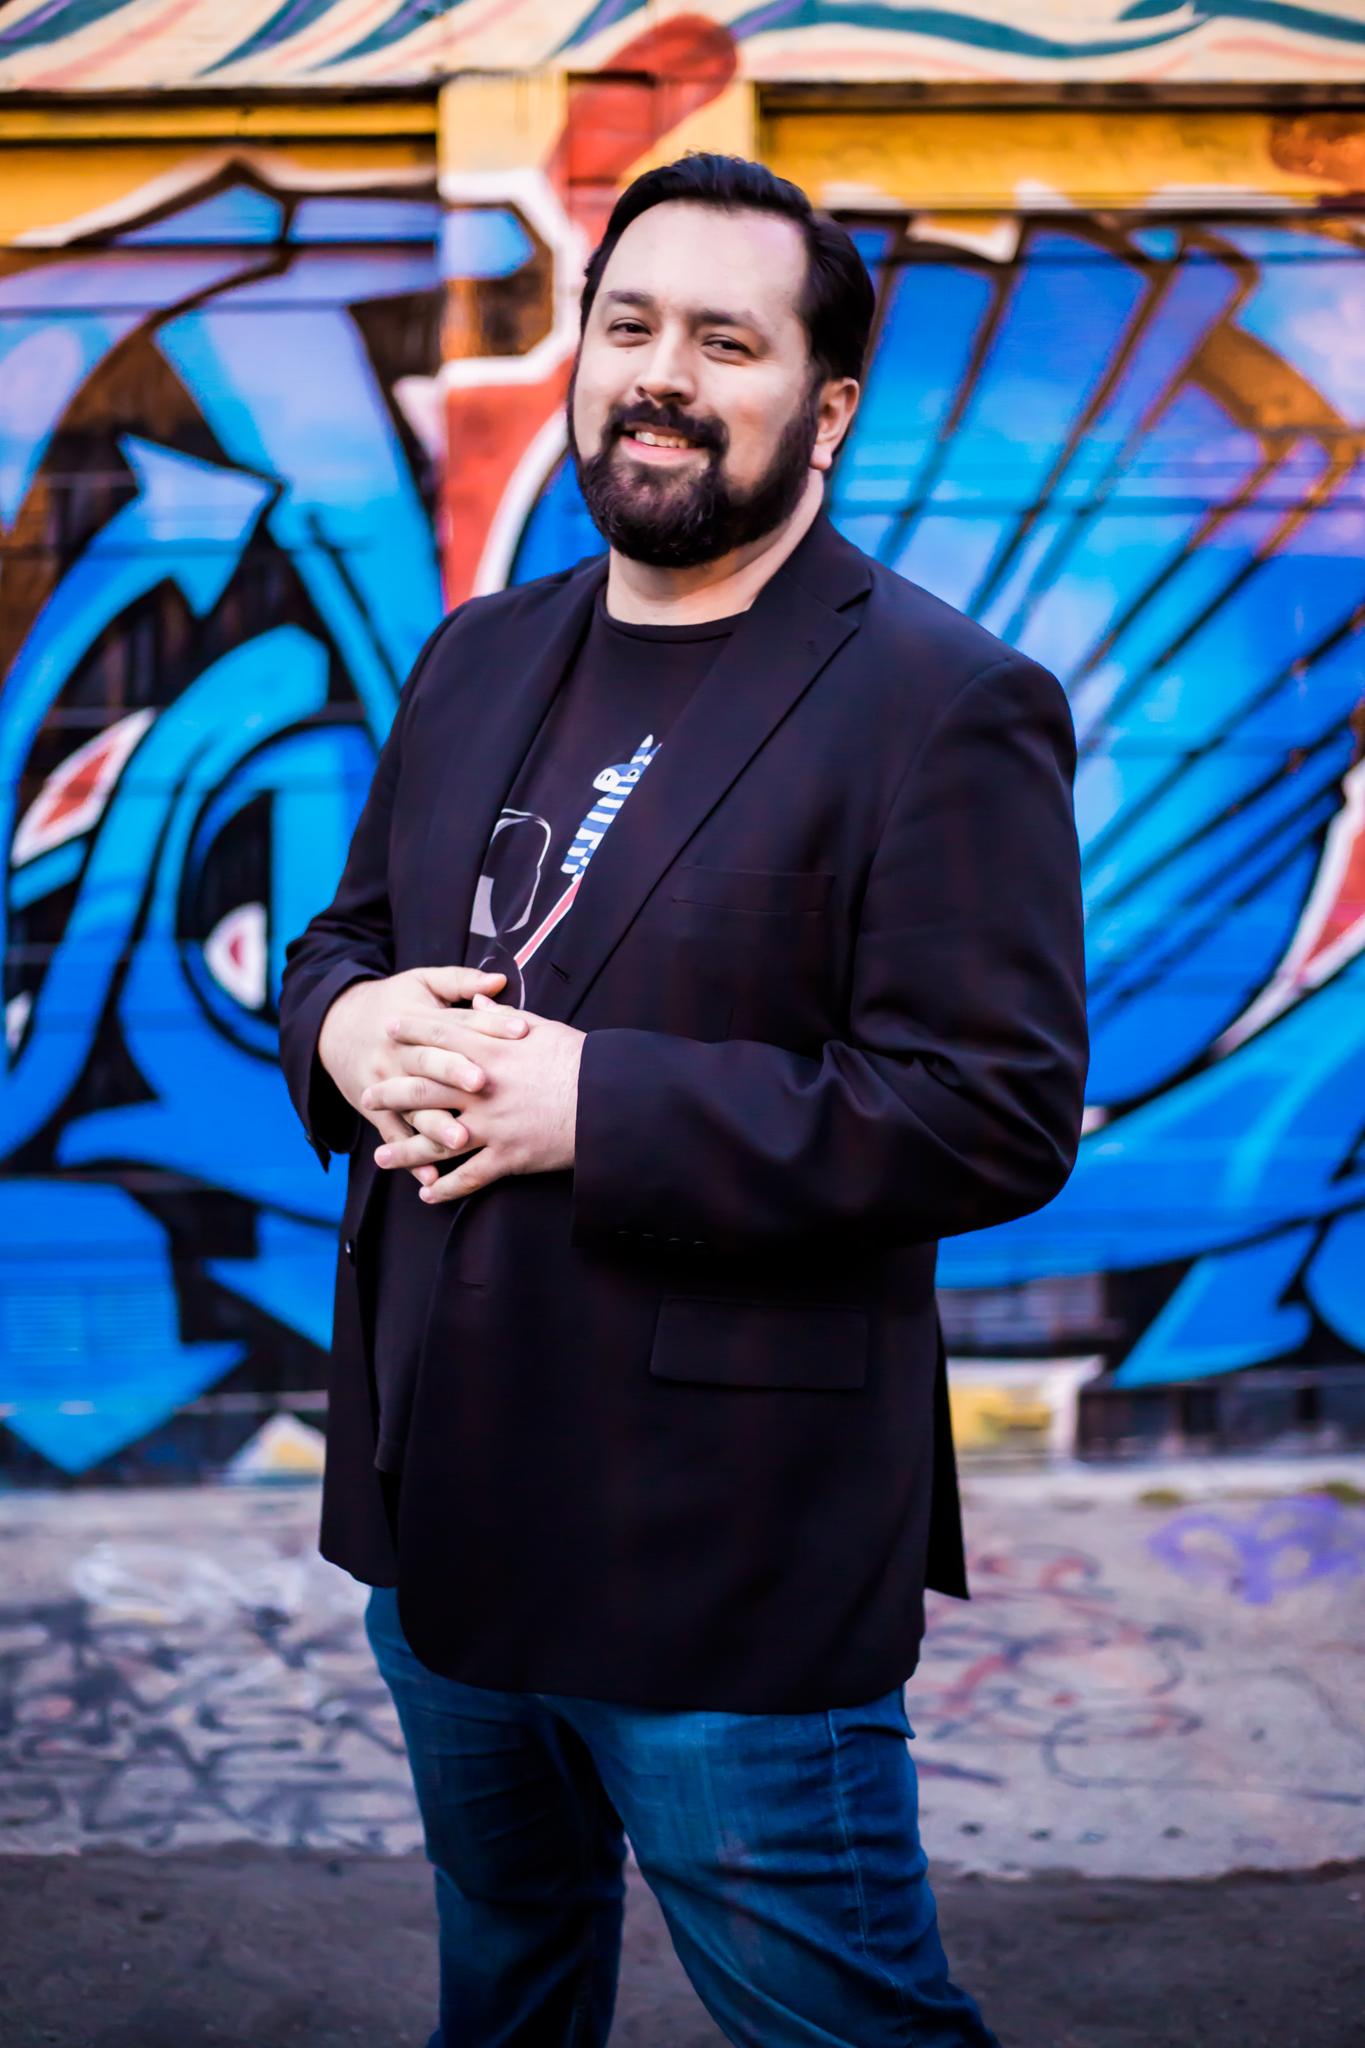 Baruch Head organizer of DondeEsta Mi Gente